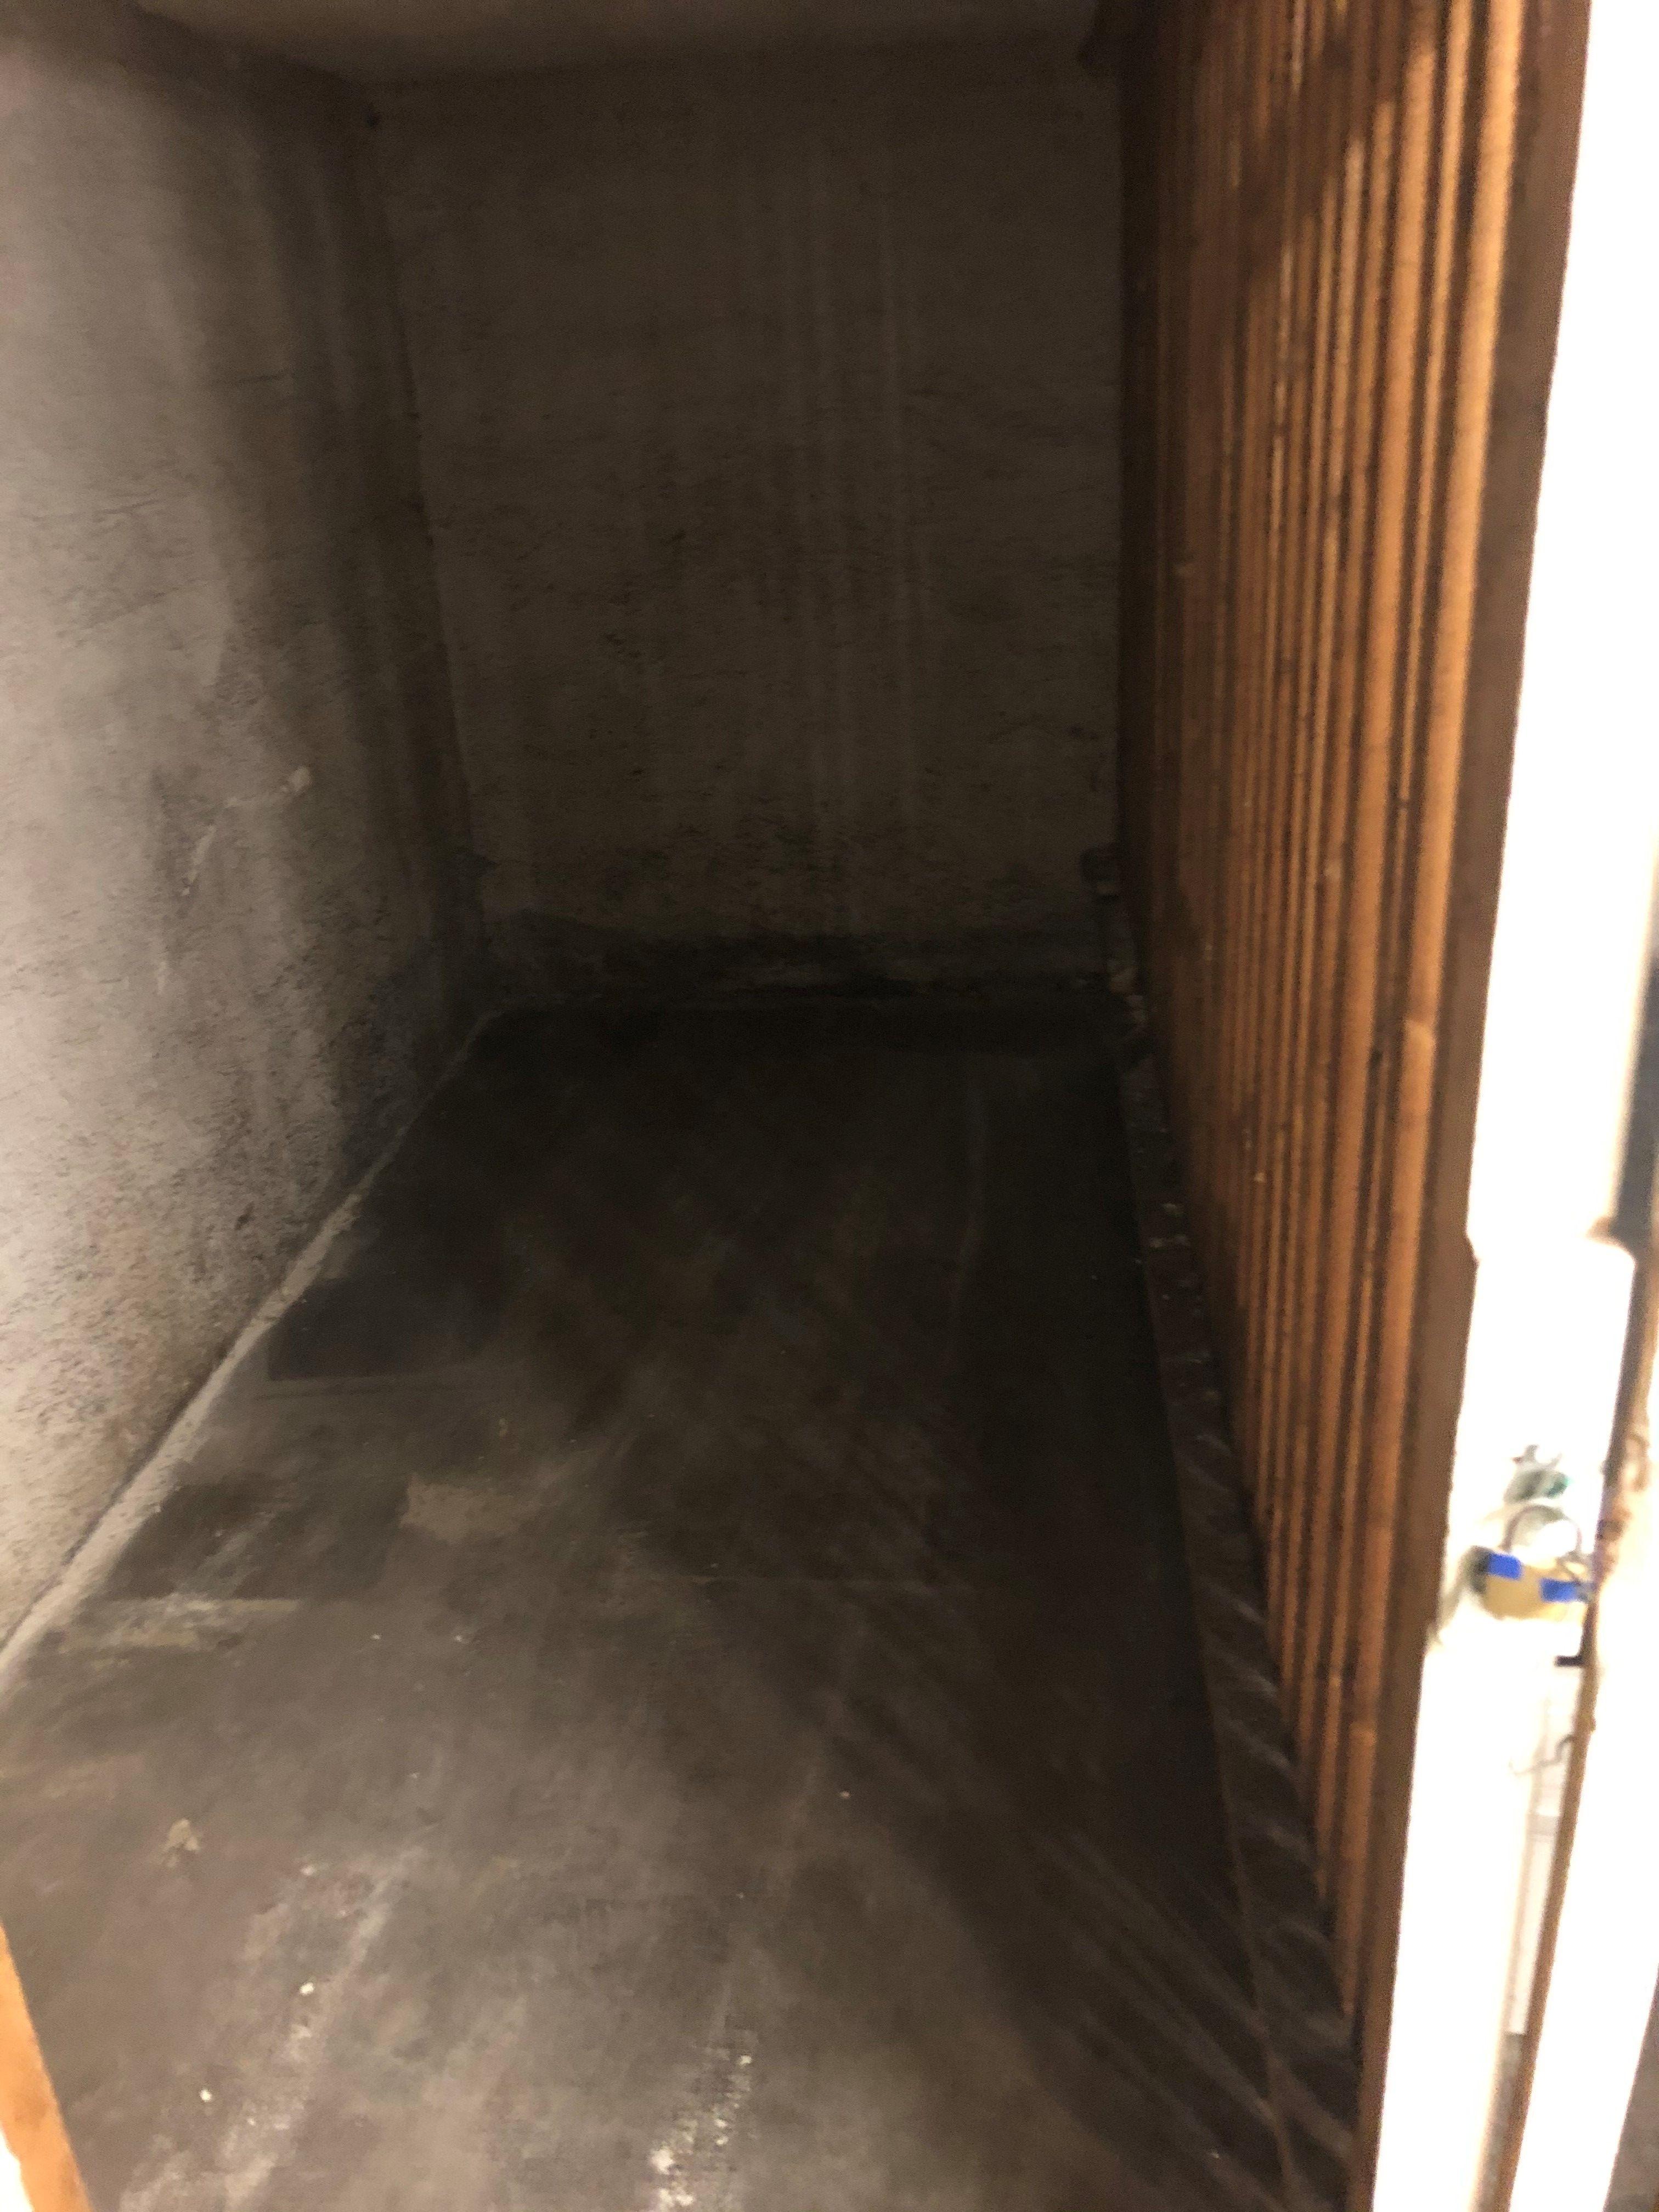 Kellerentrumpelung Munchen In 2020 Haushaltsauflosung Wohnungsauflosung Wohnung